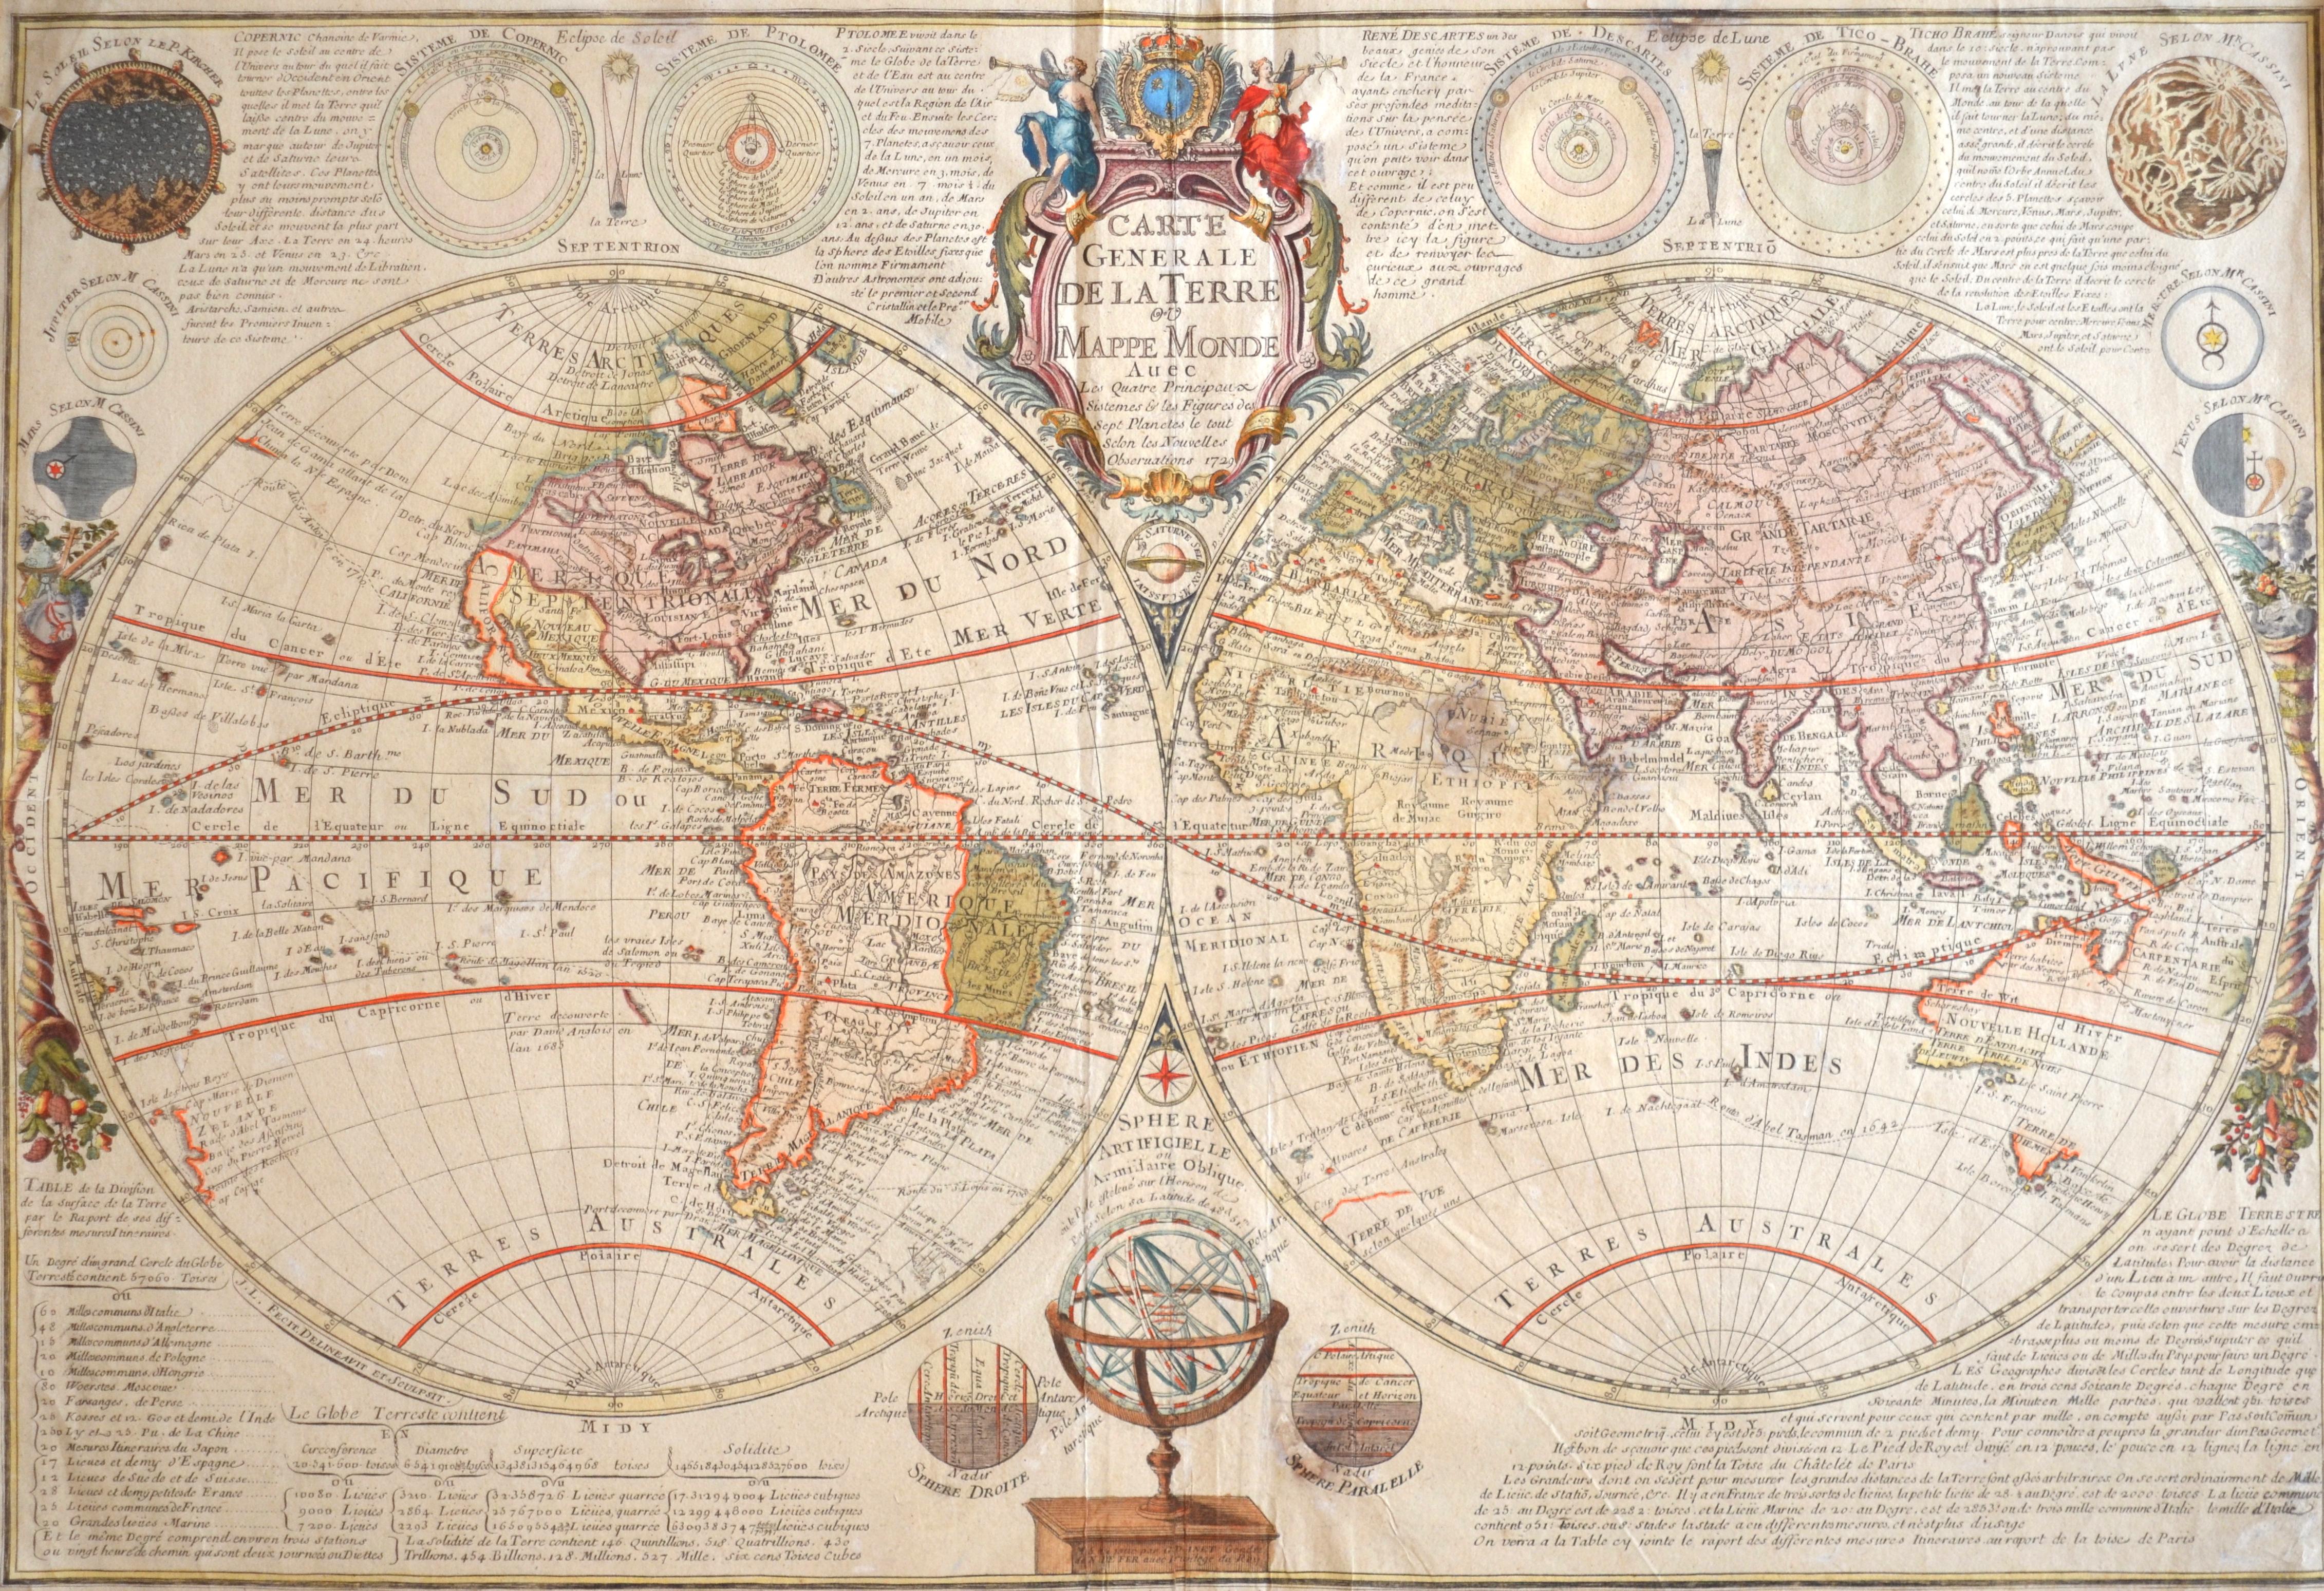 Fer, de  Carte Generale de la Terre ou Mappe Monde avec Les Quatre Principaux Sistemes & les Figures des Sept Planetes le tout selon les Nouvelles Observations